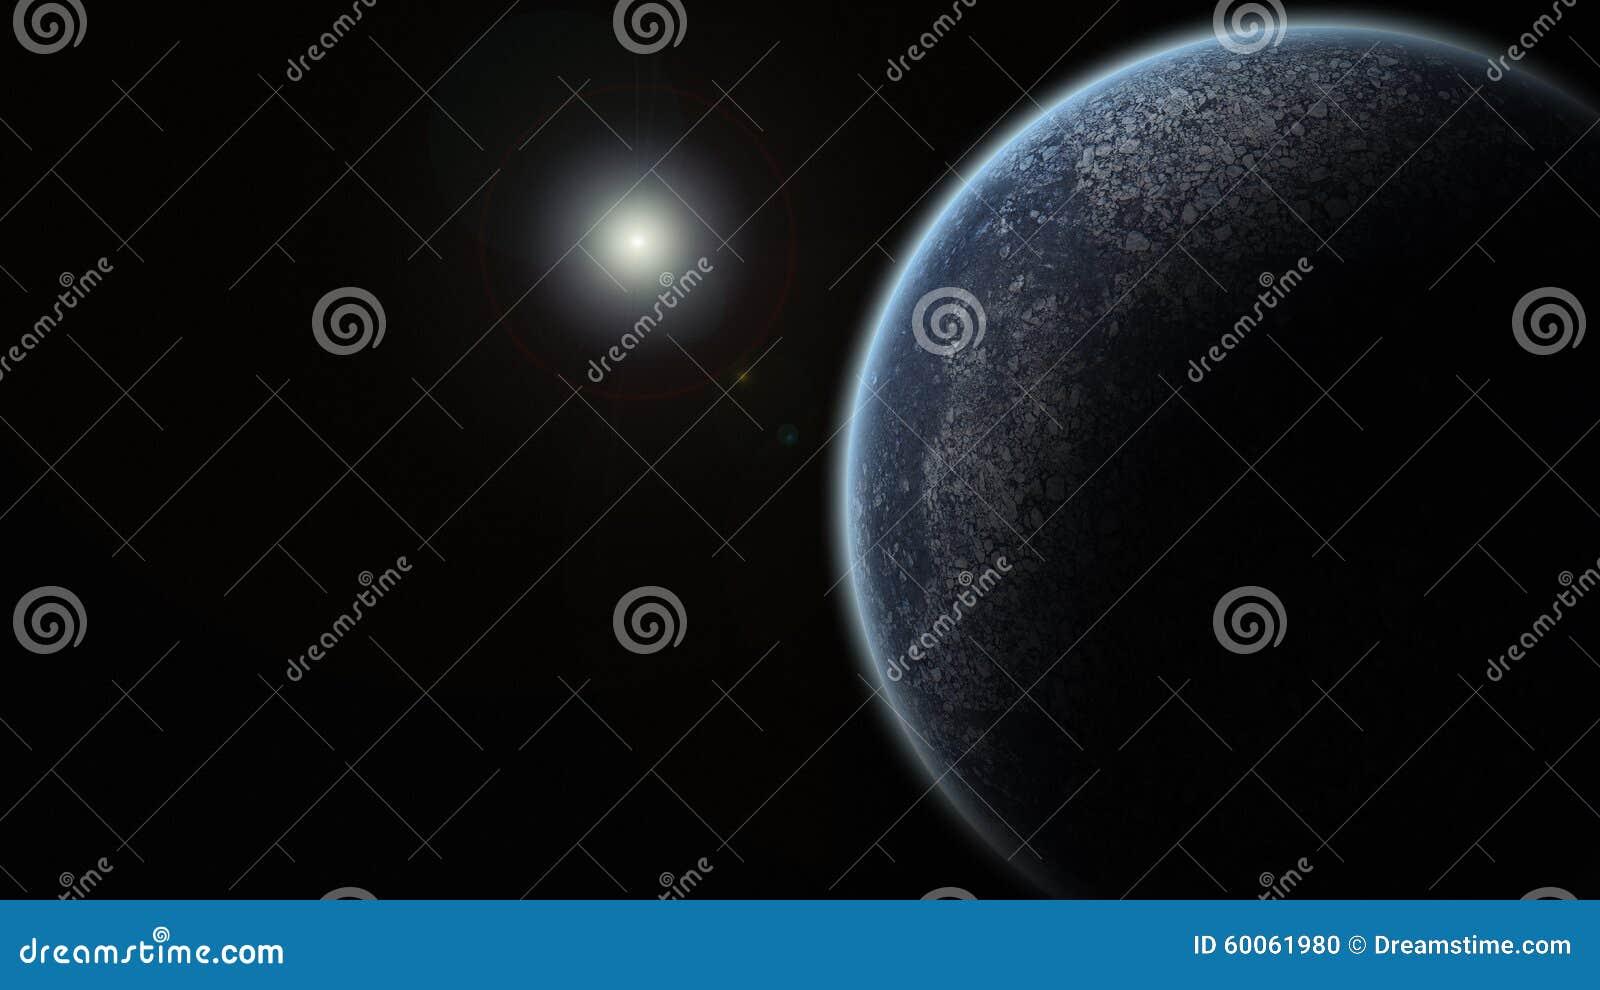 single planets - photo #15